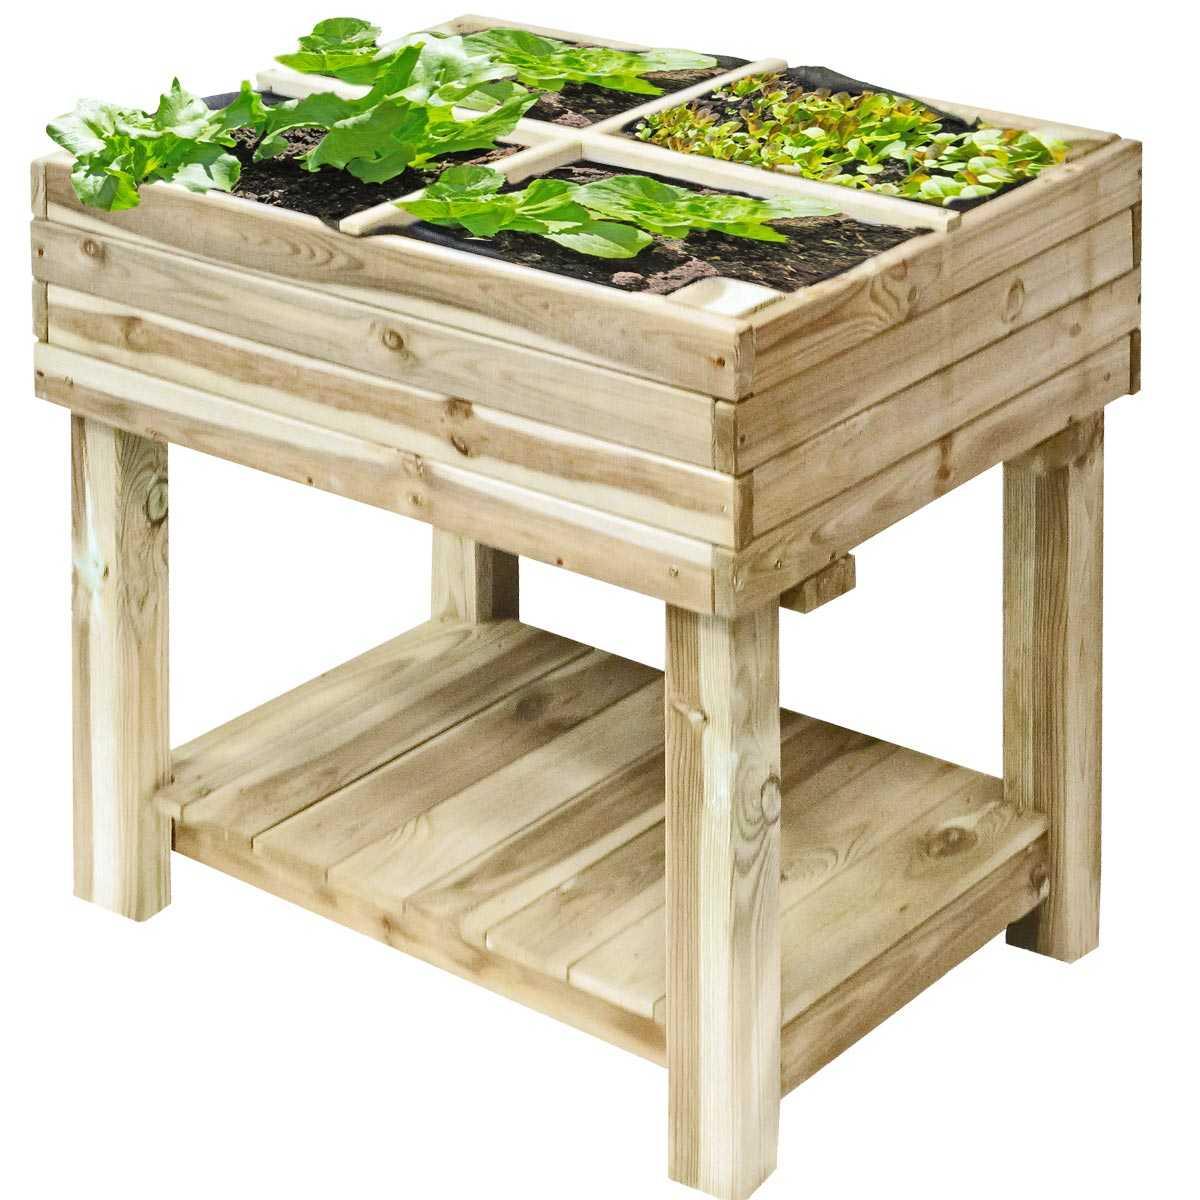 carr potager bois sur pied 80x60cm avec bache de protection vente au meilleur prix jardins